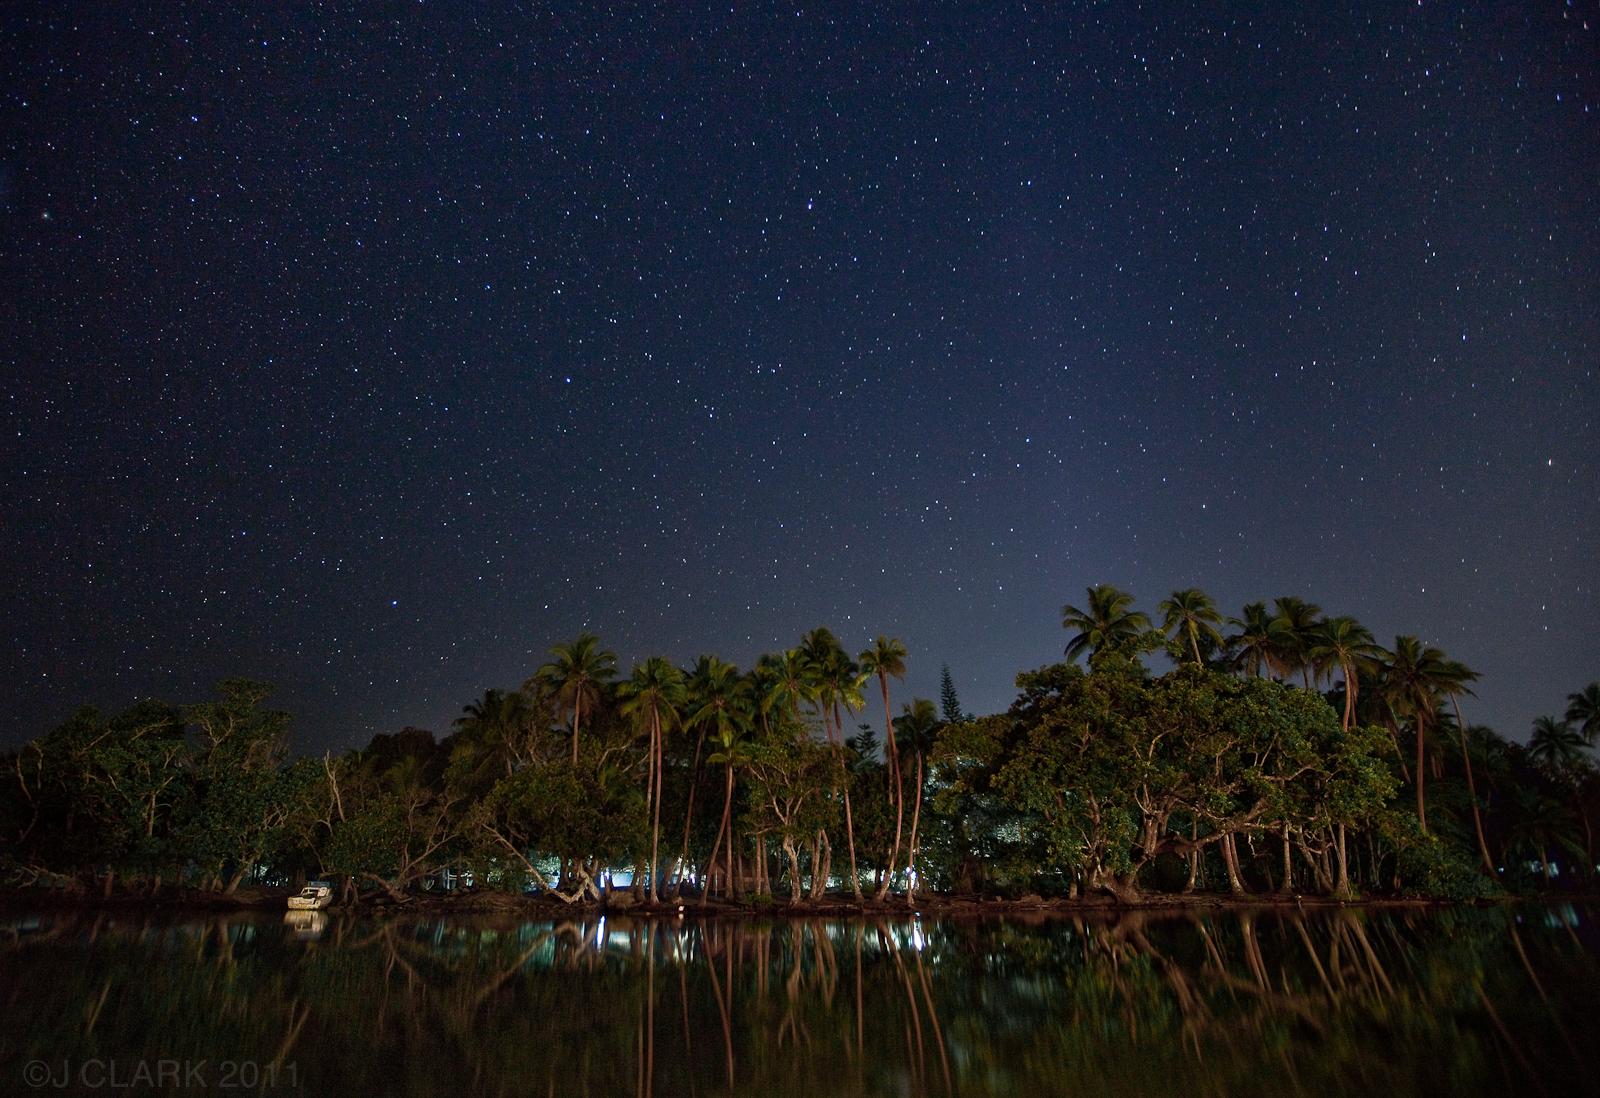 STARS OVER LAGOON ON EFATE, VANUATU